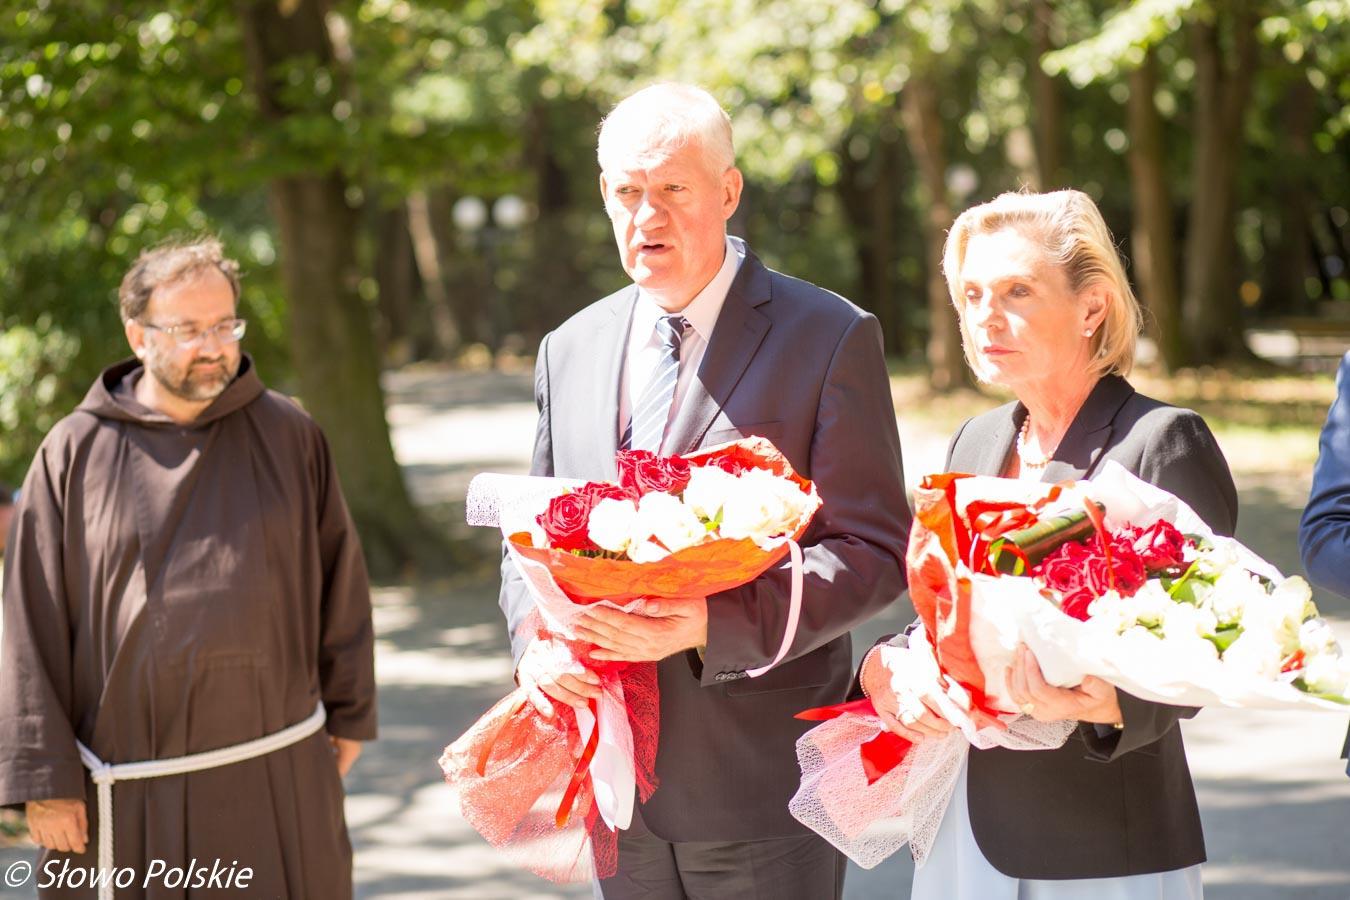 Kapucyn Konstanty Morozow, Konsul RP w Winnicy Tomasz Olejniczak oraz senator Anna Maria Anders składają kwiaty pod kaplicą na zniszczonym polskim cmentarzu w Winnicy